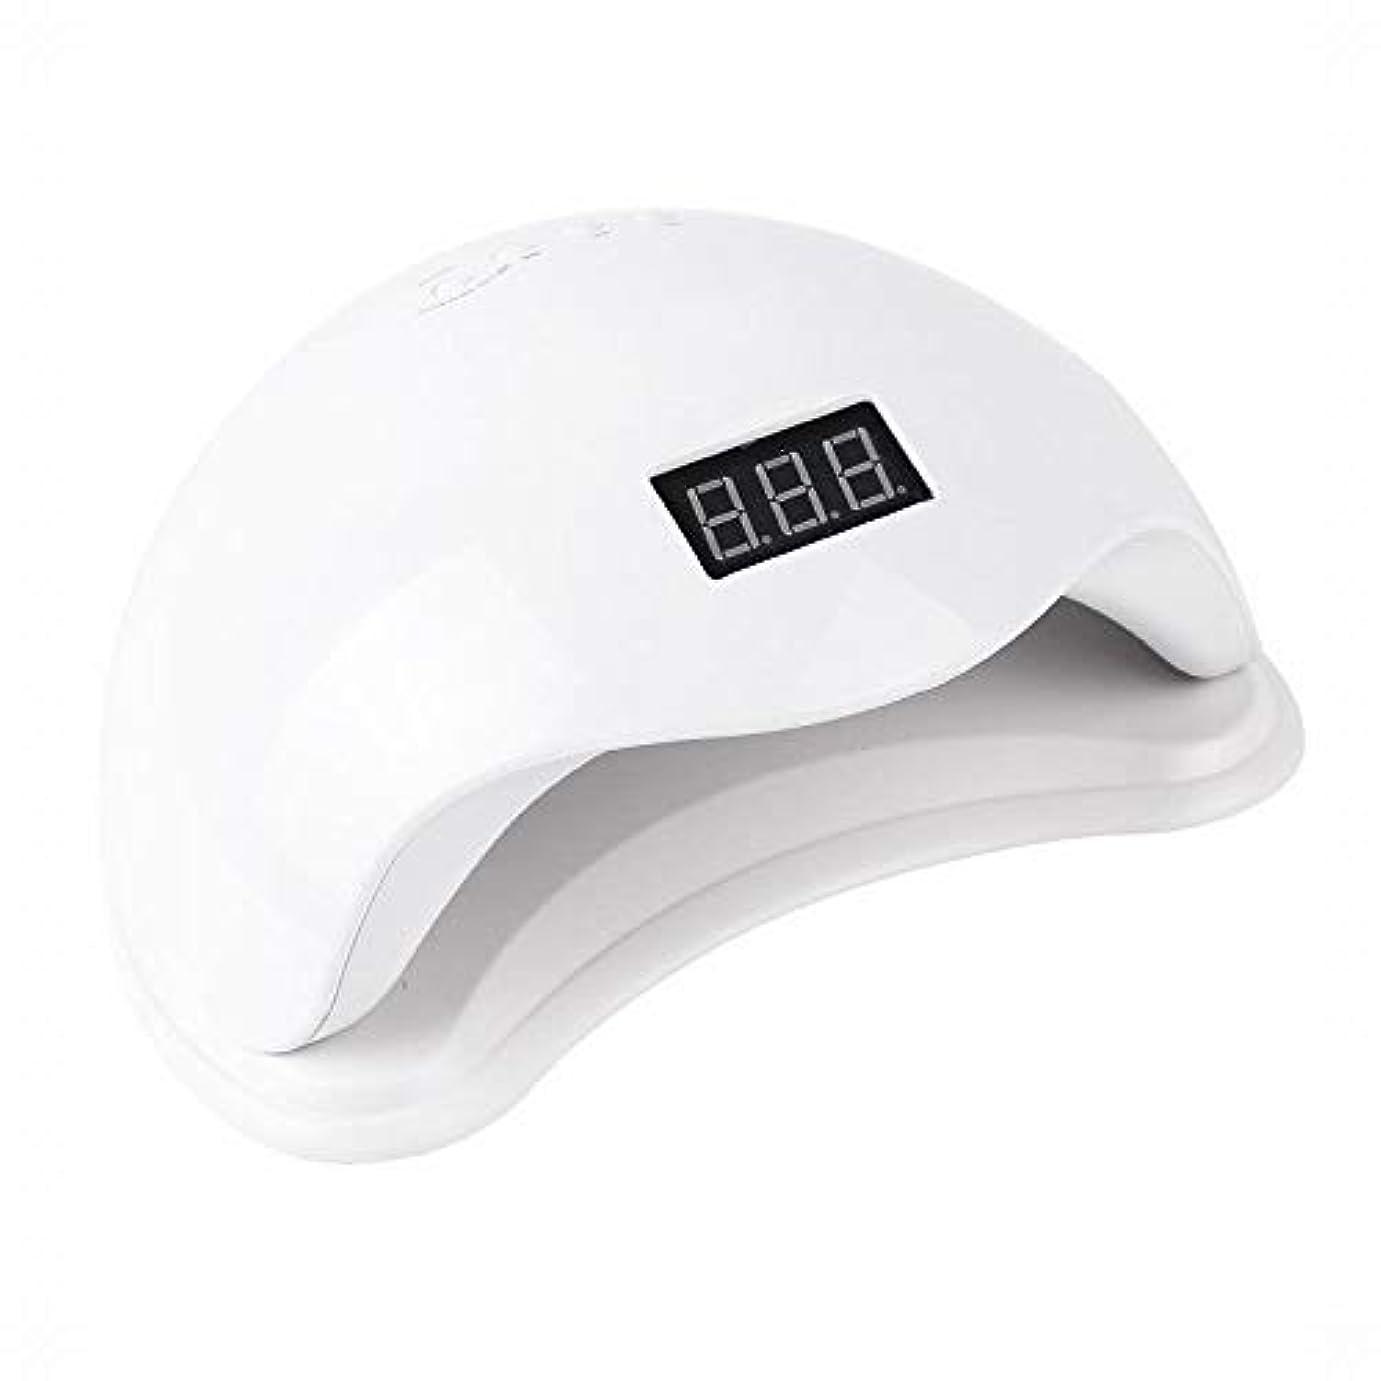 私達等スナックYESONEEP 48ワットネイル光線療法機誘導速乾性無痛ネイルランプUV光線療法ランプLED (Size : 48W)